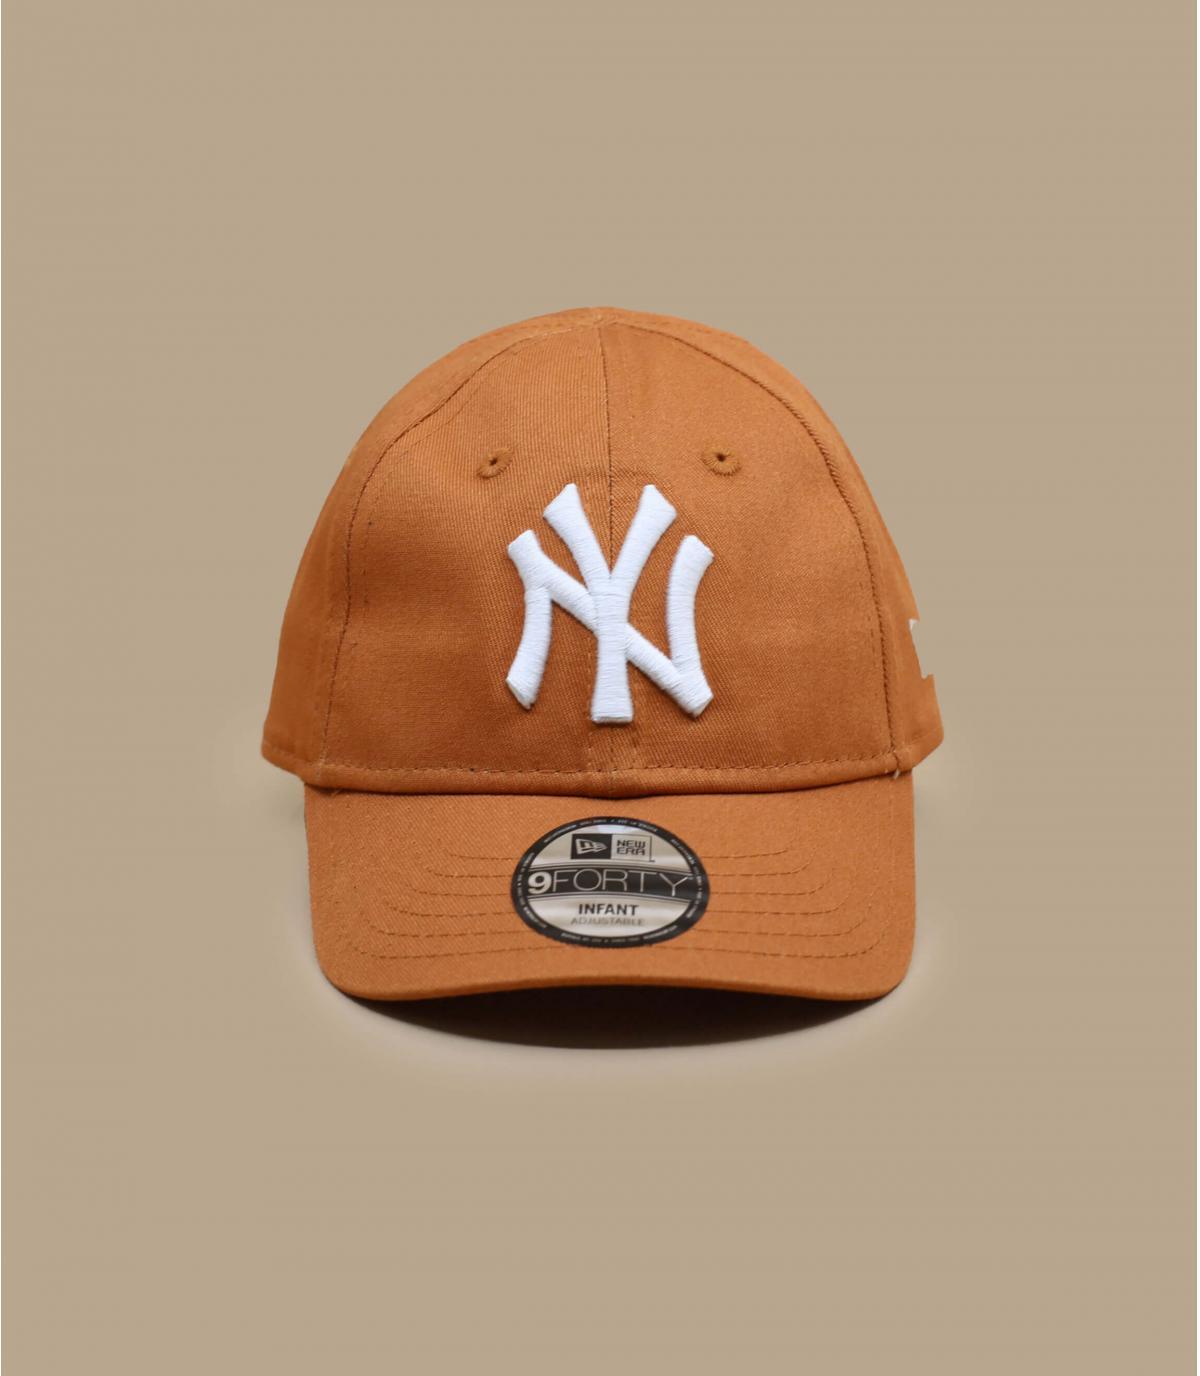 NY baby cap beige